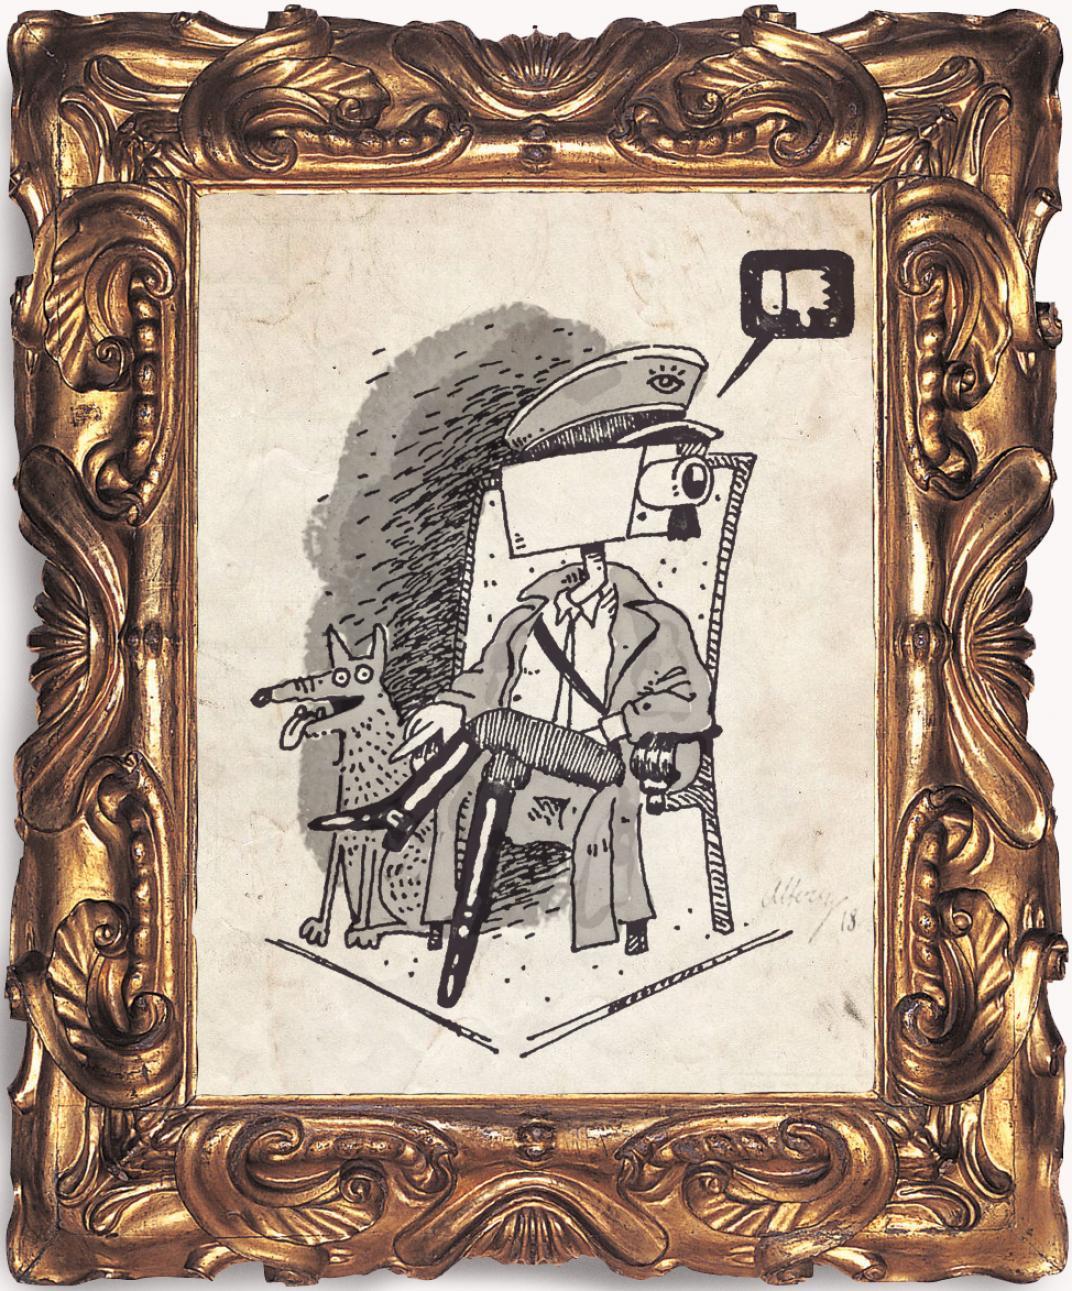 La máquina de la invisibilidad, columna de Andrés Carvajal ilustrada por Saga Uno